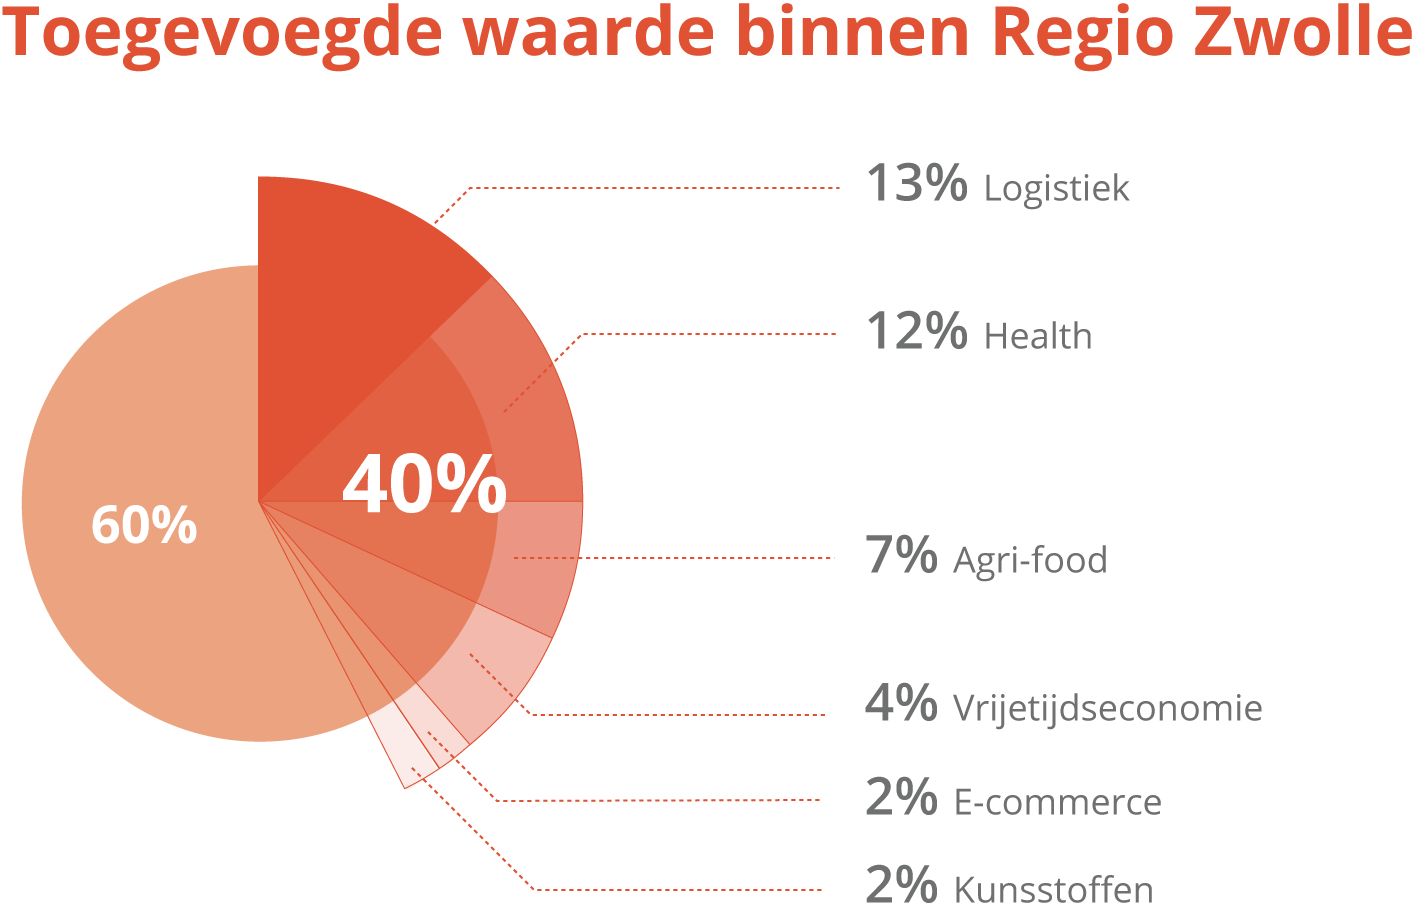 Aandeel toegevoegde waarde sectoren Regio Zwolle